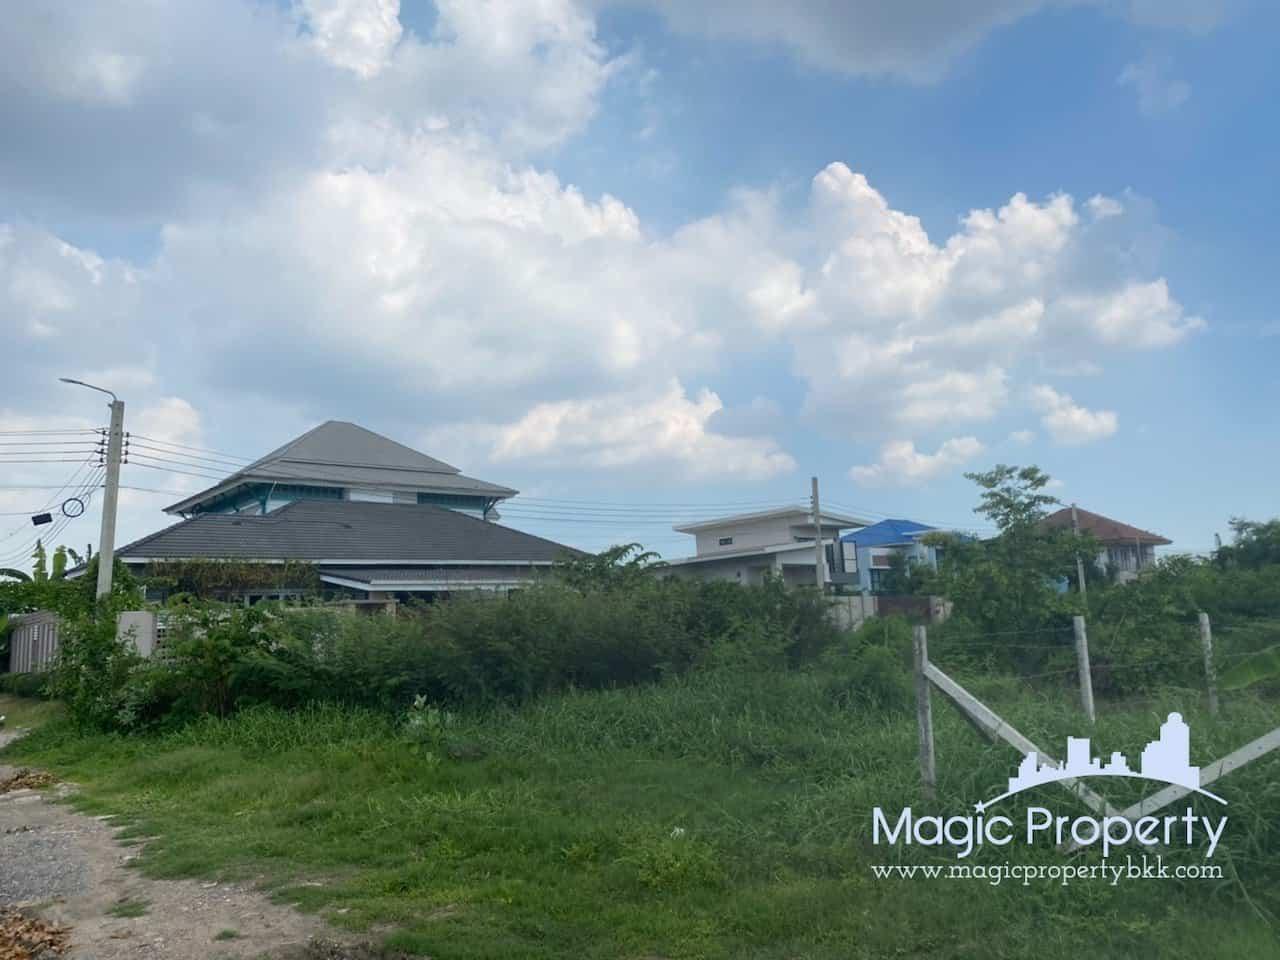 ขายที่ดิน ตำบล บ้านใหม่ อำเภอ ปากเกร็ด นนทบุรี